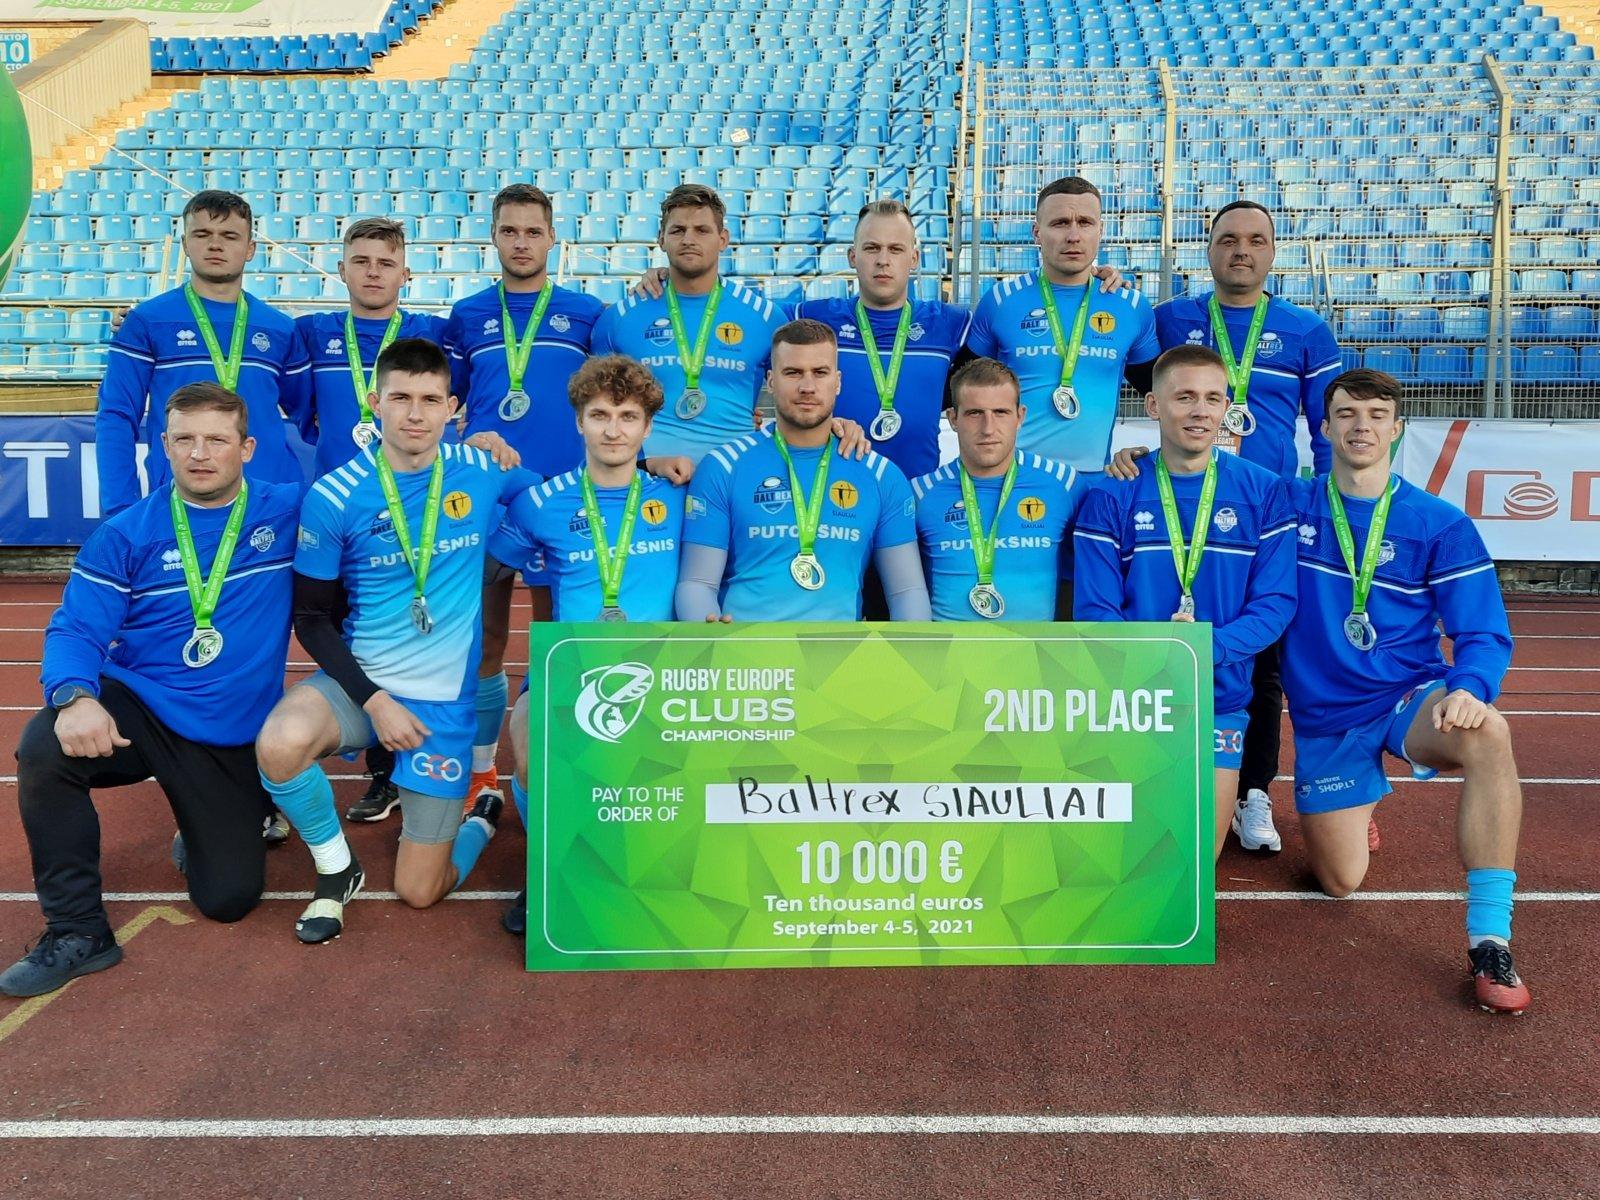 """""""BaltRex-Šiauliai"""" - Europos klubų čempionų taurės turnyro vicečempionai"""